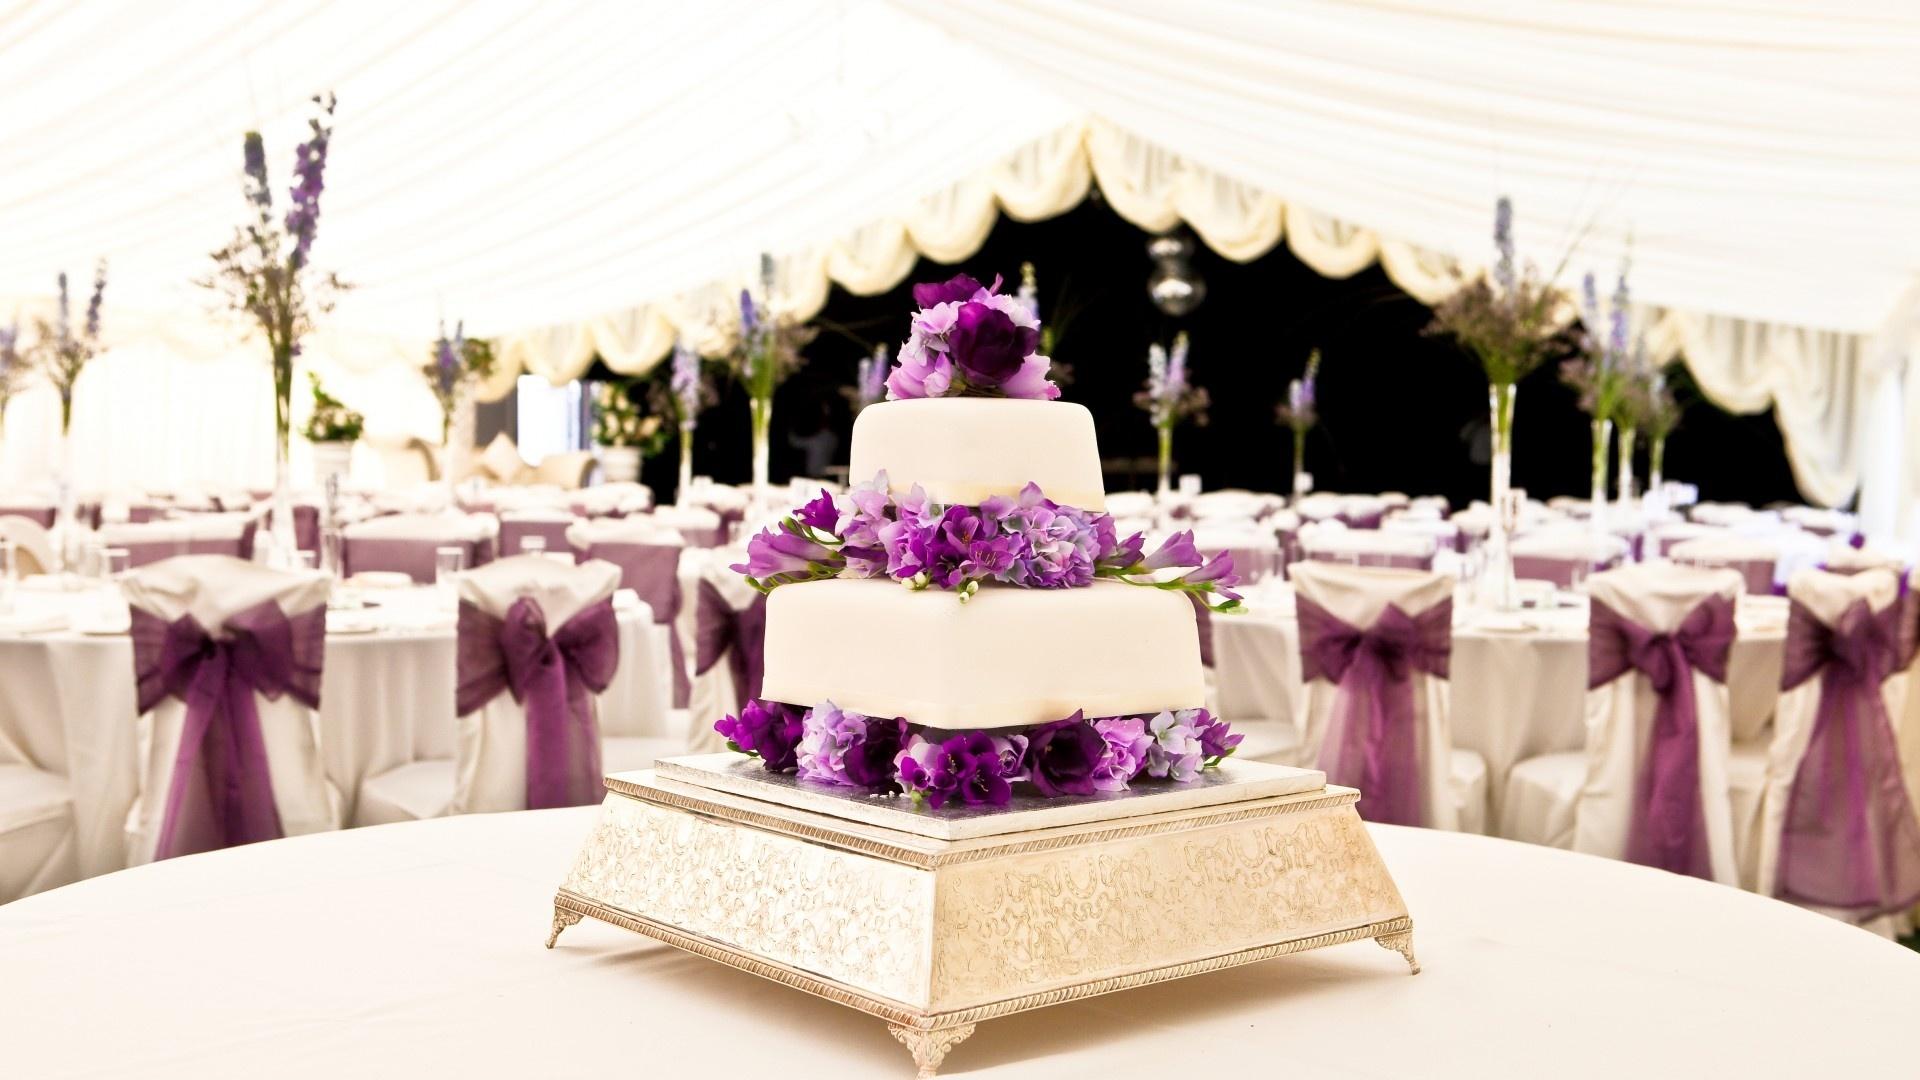 Wedding Cake wallpaper for desktop